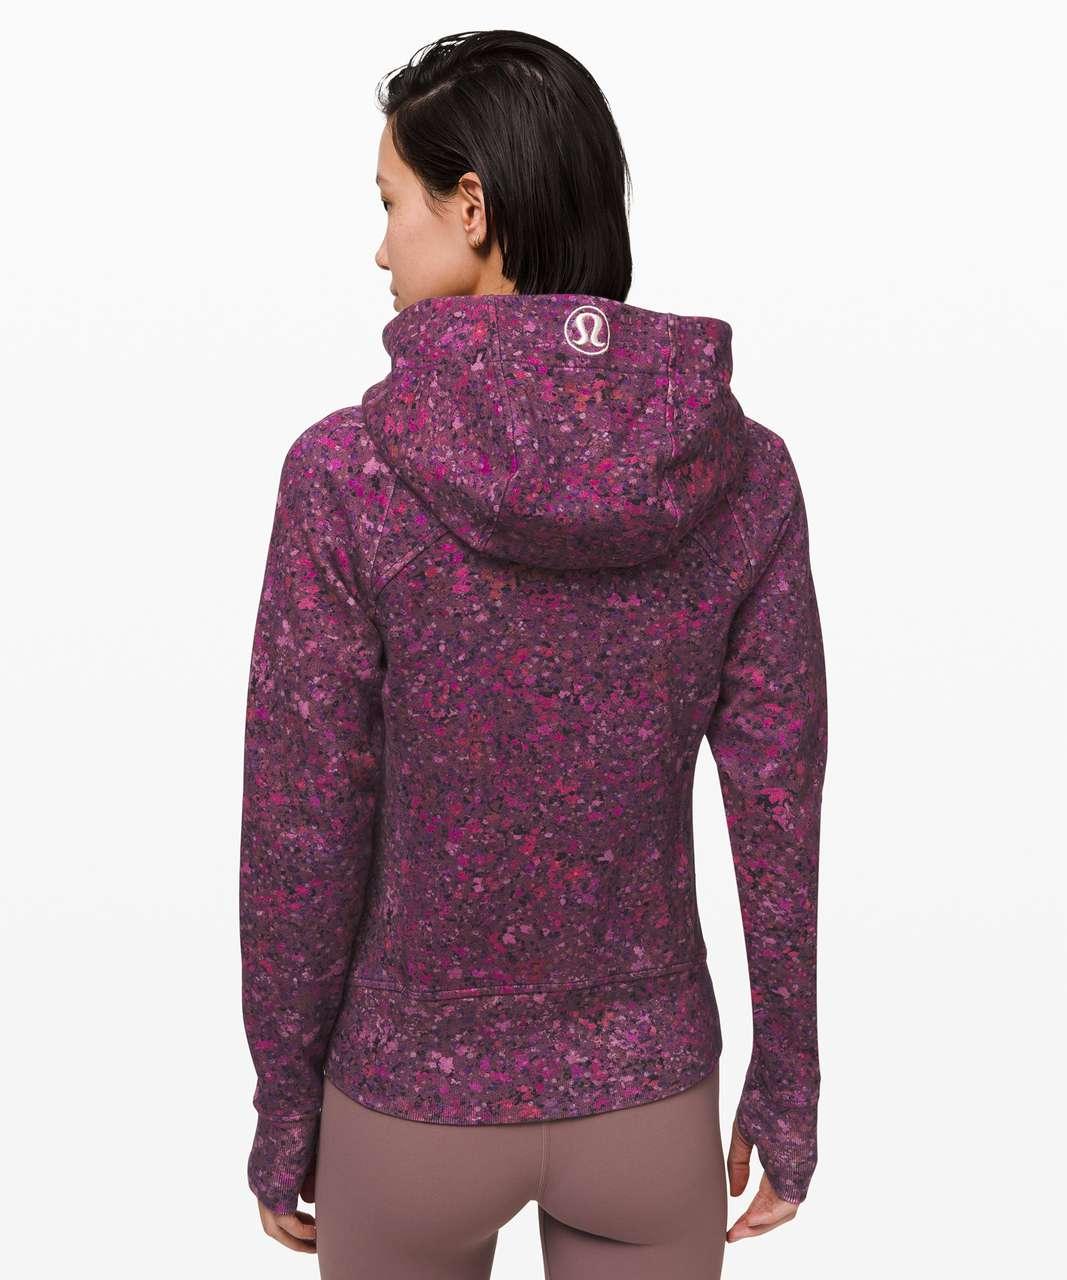 Lululemon Scuba Hoodie *Light Cotton Fleece - Ornemental Floral Multi